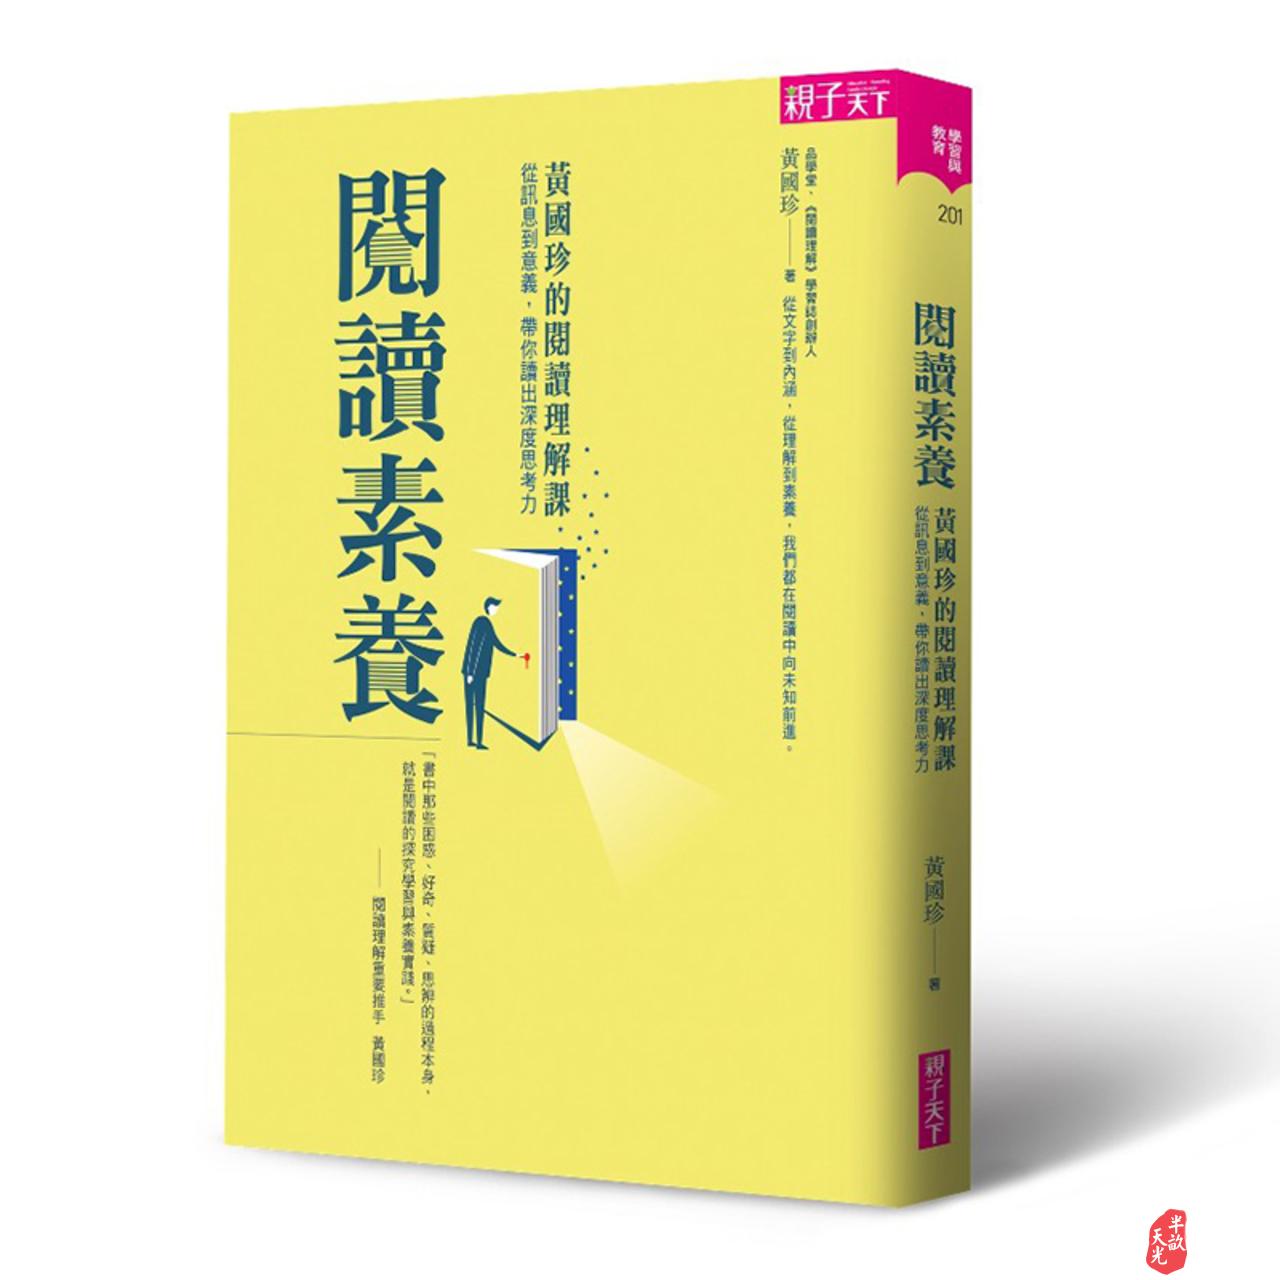 中文书籍/阅读理解/繁体书籍:阅读素养 - 黄国珍的阅读理解课